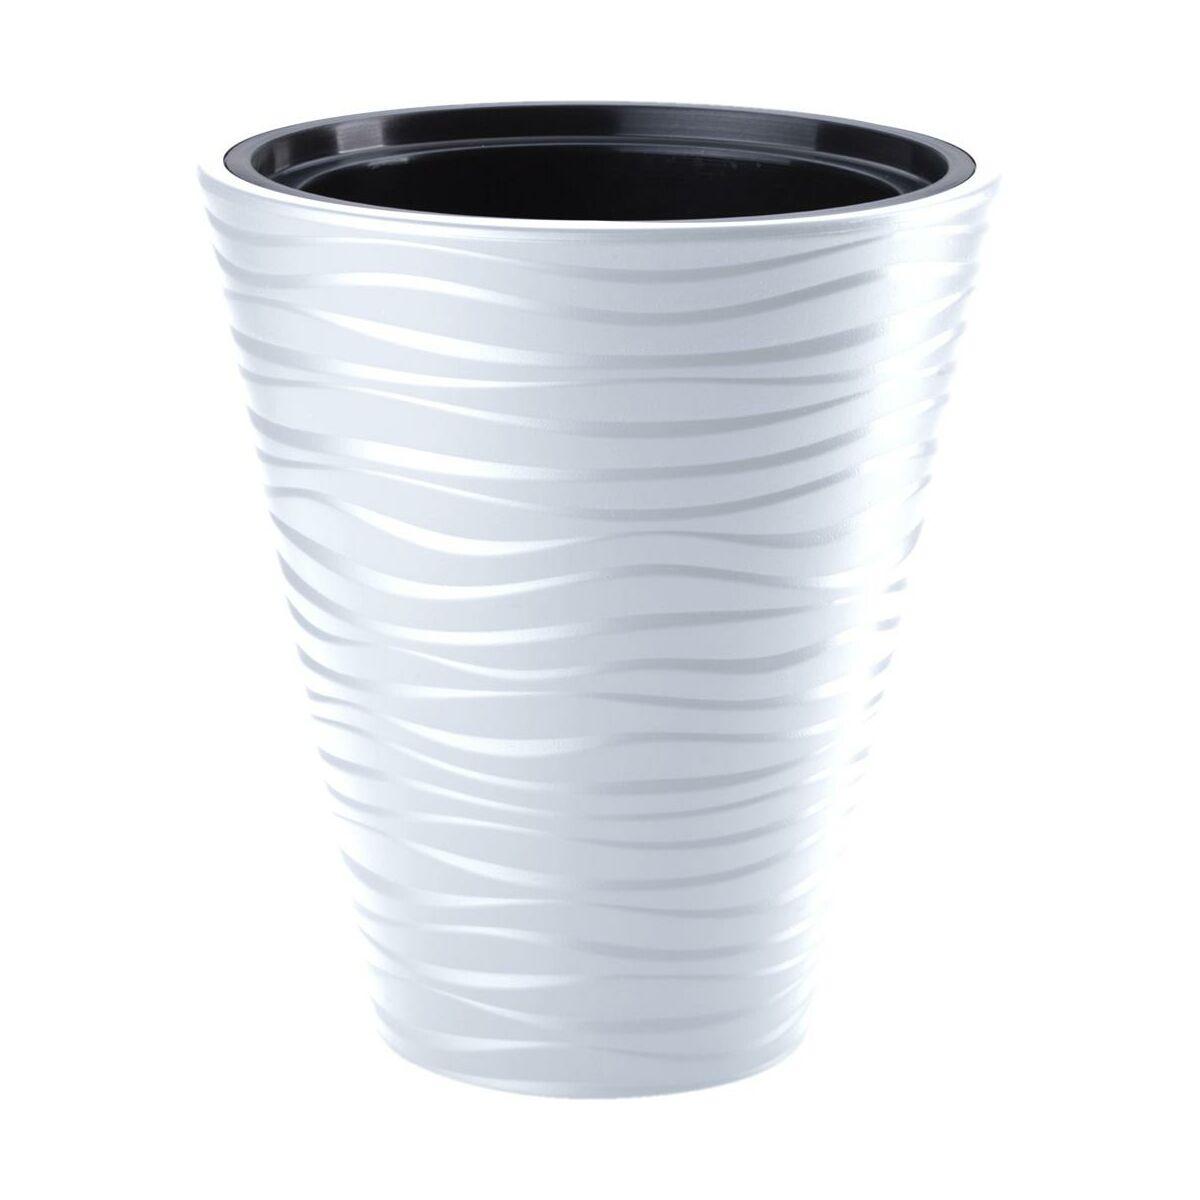 Doniczka Plastikowa 40 Cm Biala Sahara Doniczki W Atrakcyjnej Cenie W Sklepach Leroy Merlin